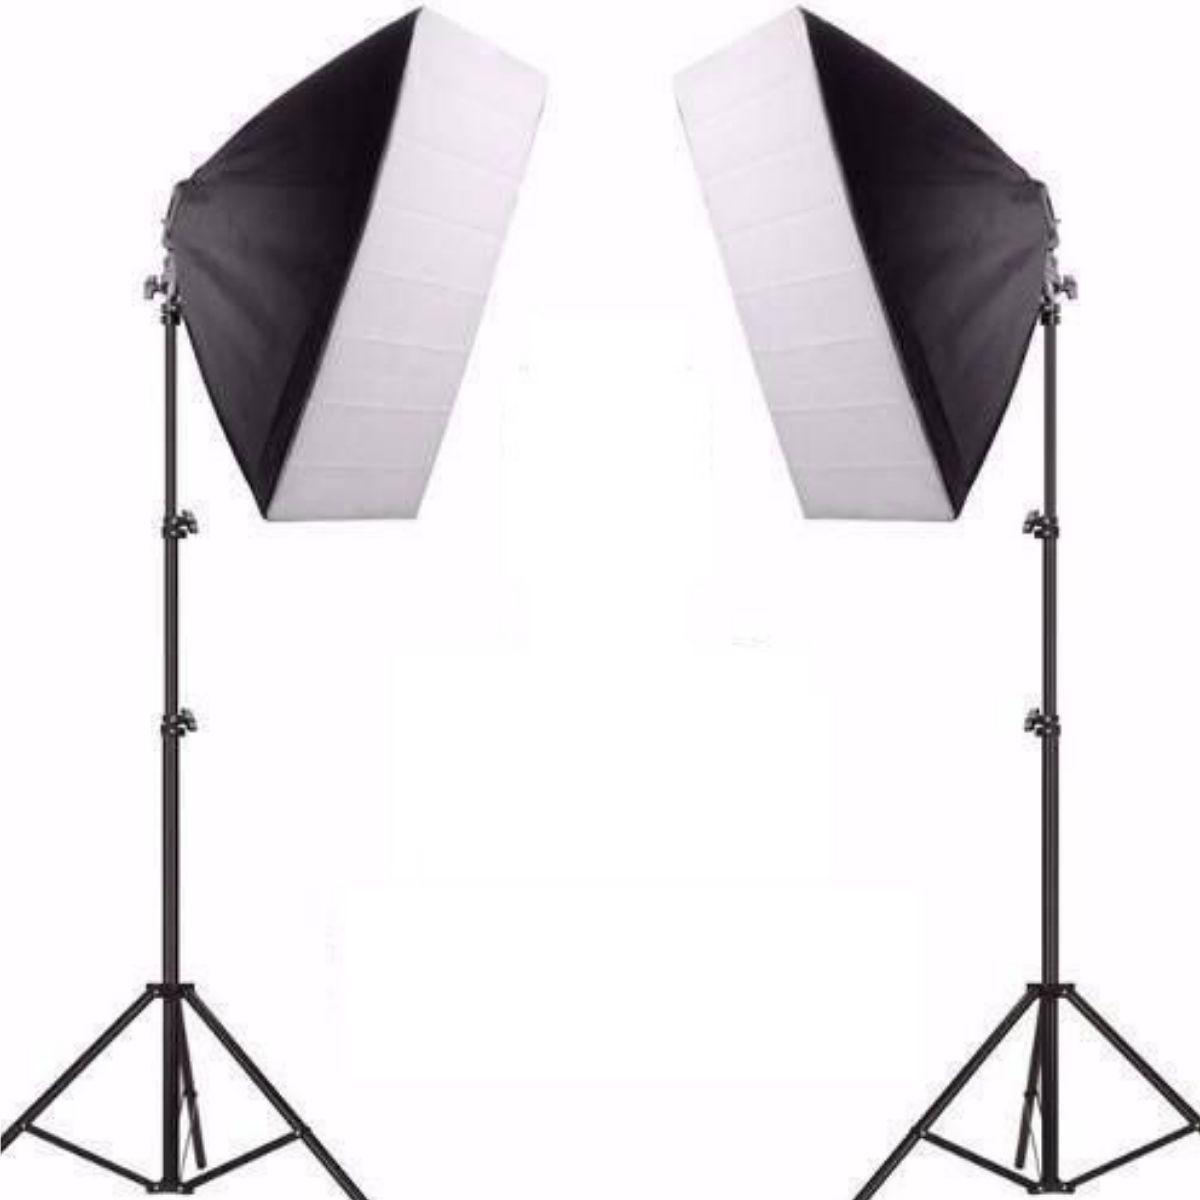 Kit Iluminação De Estúdio Fotográfico Atena Com 2 Softbox 50x70 - PKSB01 110V